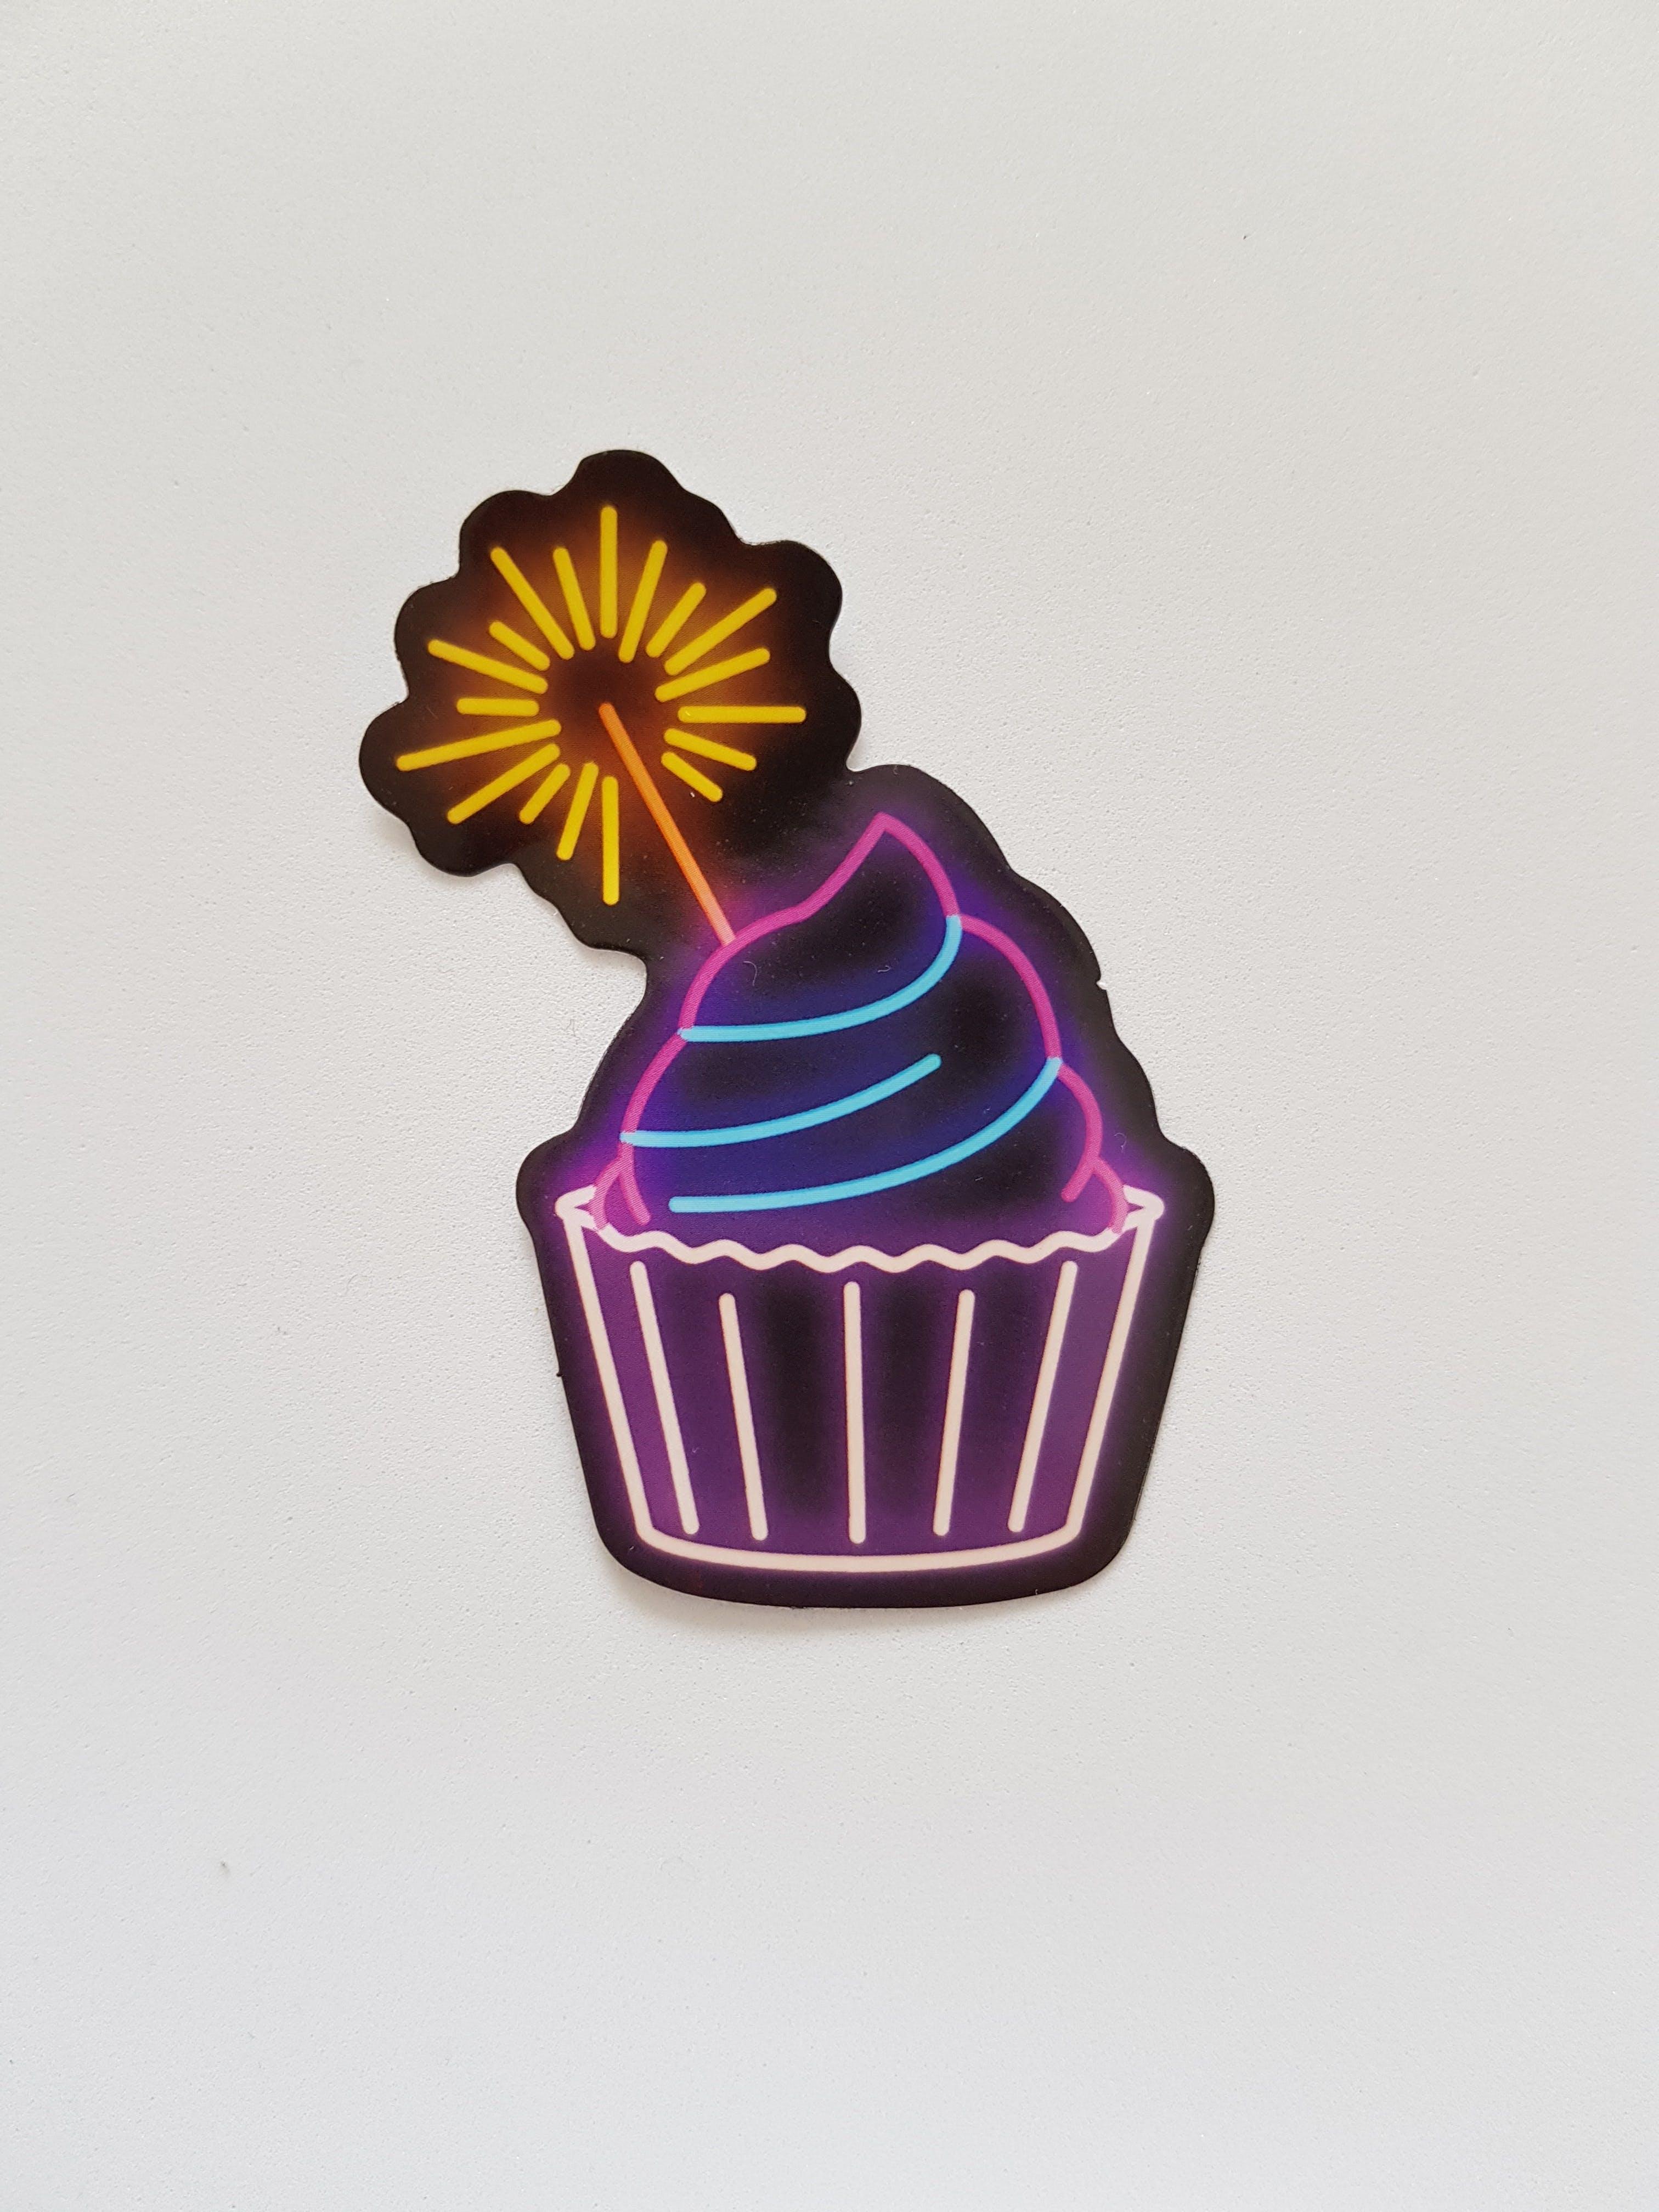 Gratis lagerfoto af belyst, cupcake, design, illustration